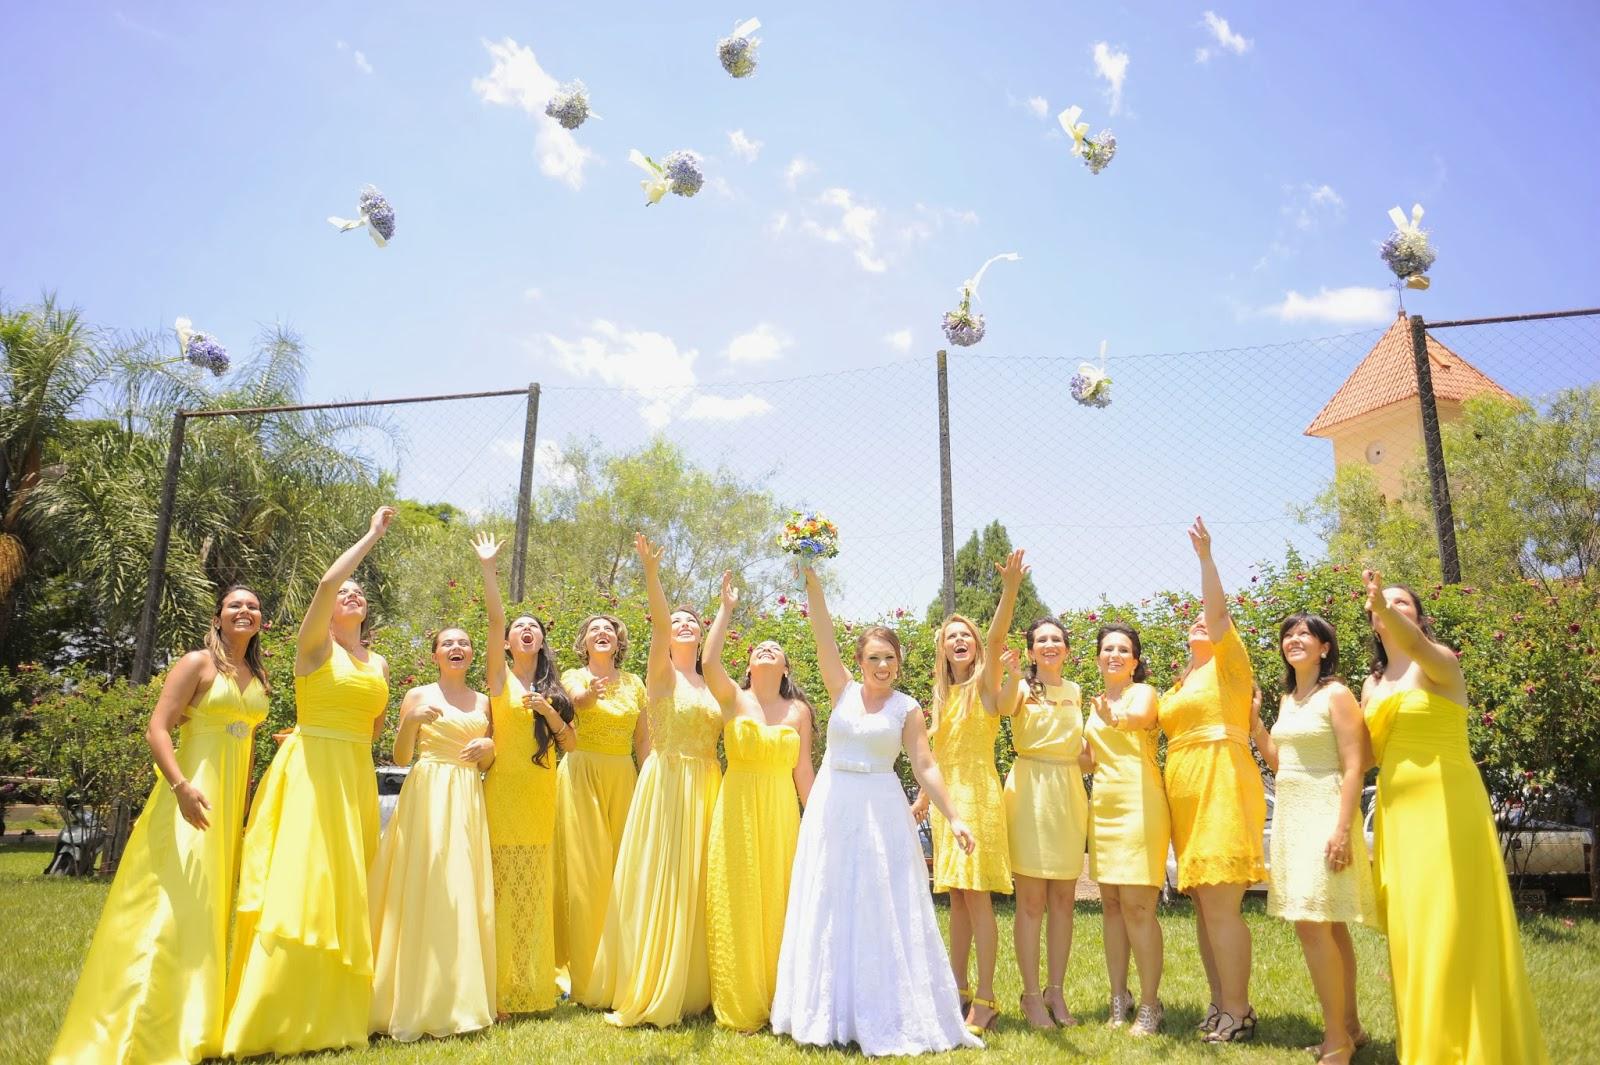 foto-divertida-noiva-madrinhas-casamento-dia-azul-amarelo